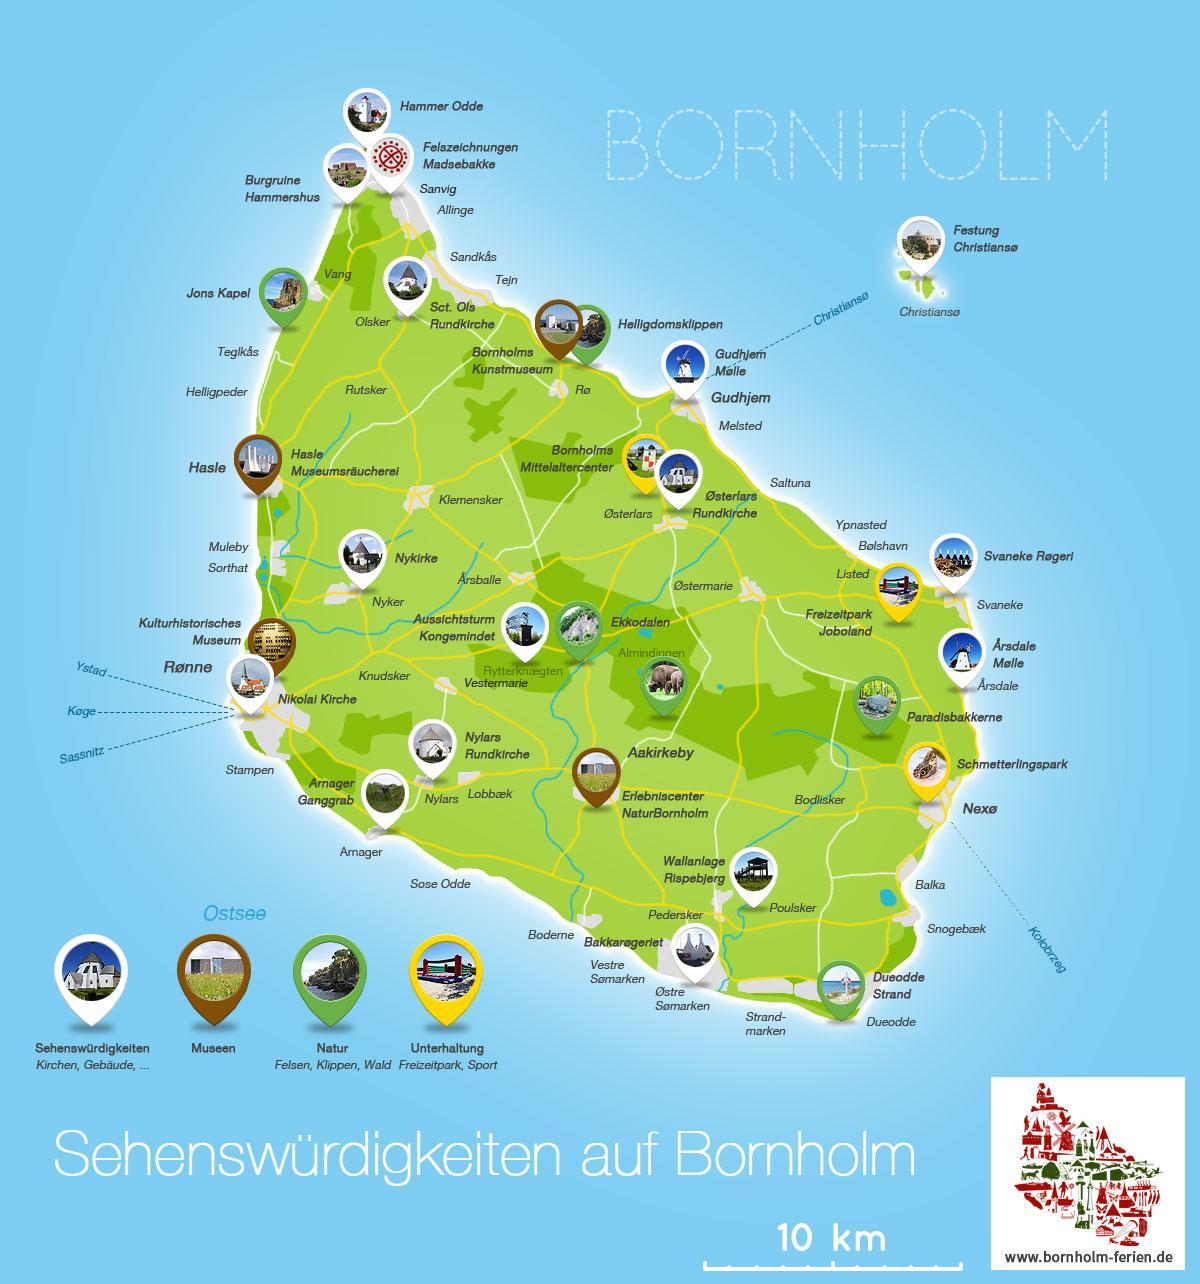 dänemark sehenswürdigkeiten karte Sehenswürdigkeiten auf Bornholm, Ausflugsziele   Bornholm Ferien.de dänemark sehenswürdigkeiten karte